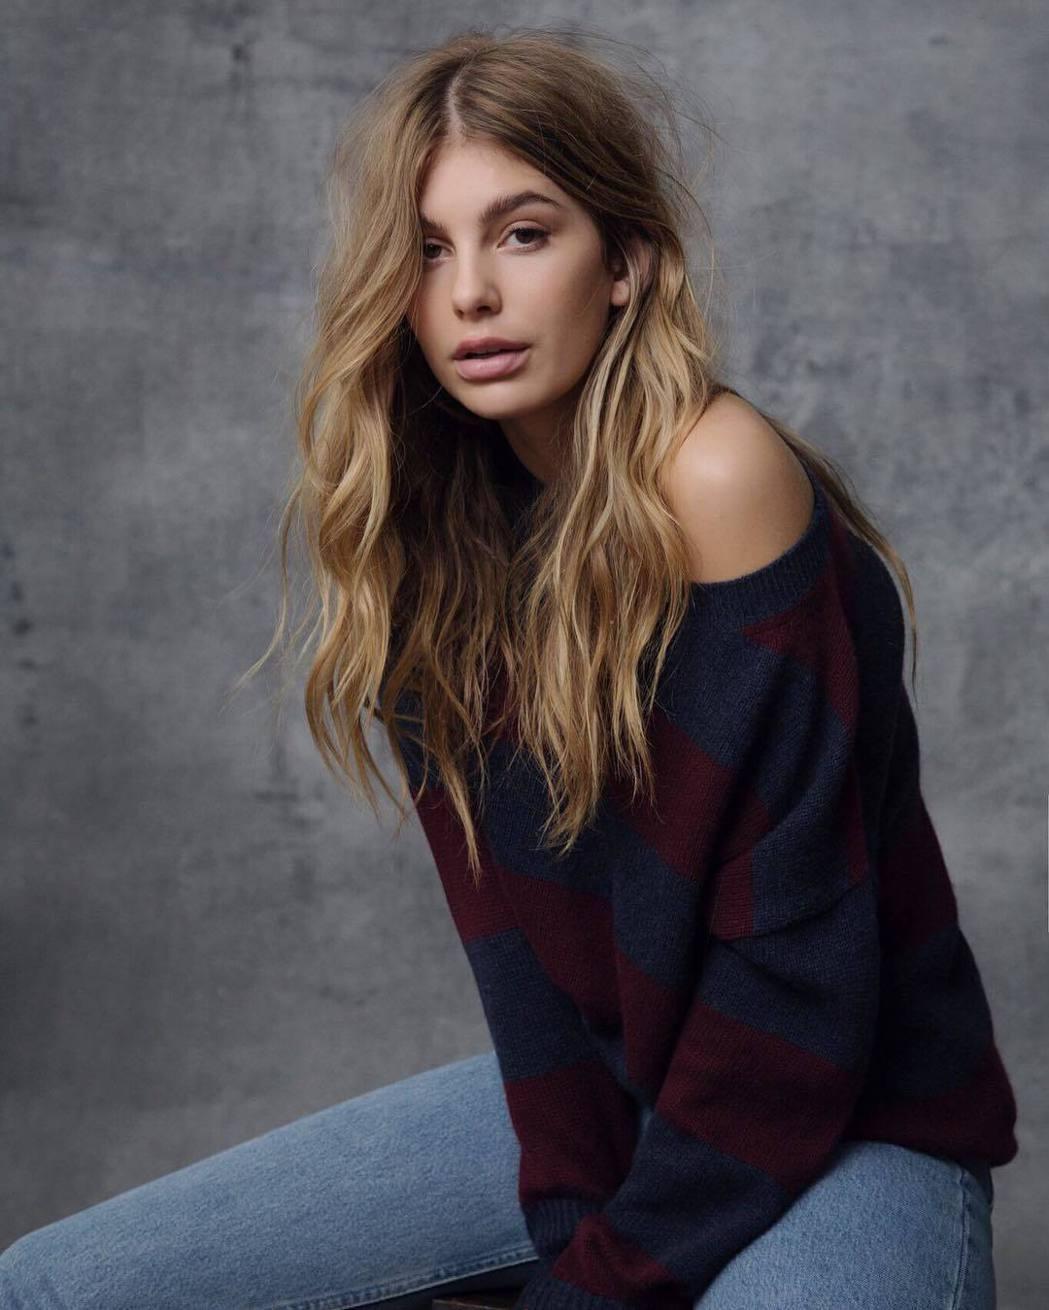 20歲年輕女模卡蜜拉莫隆是李奧納多狄卡皮歐新歡。圖/摘自Instagram